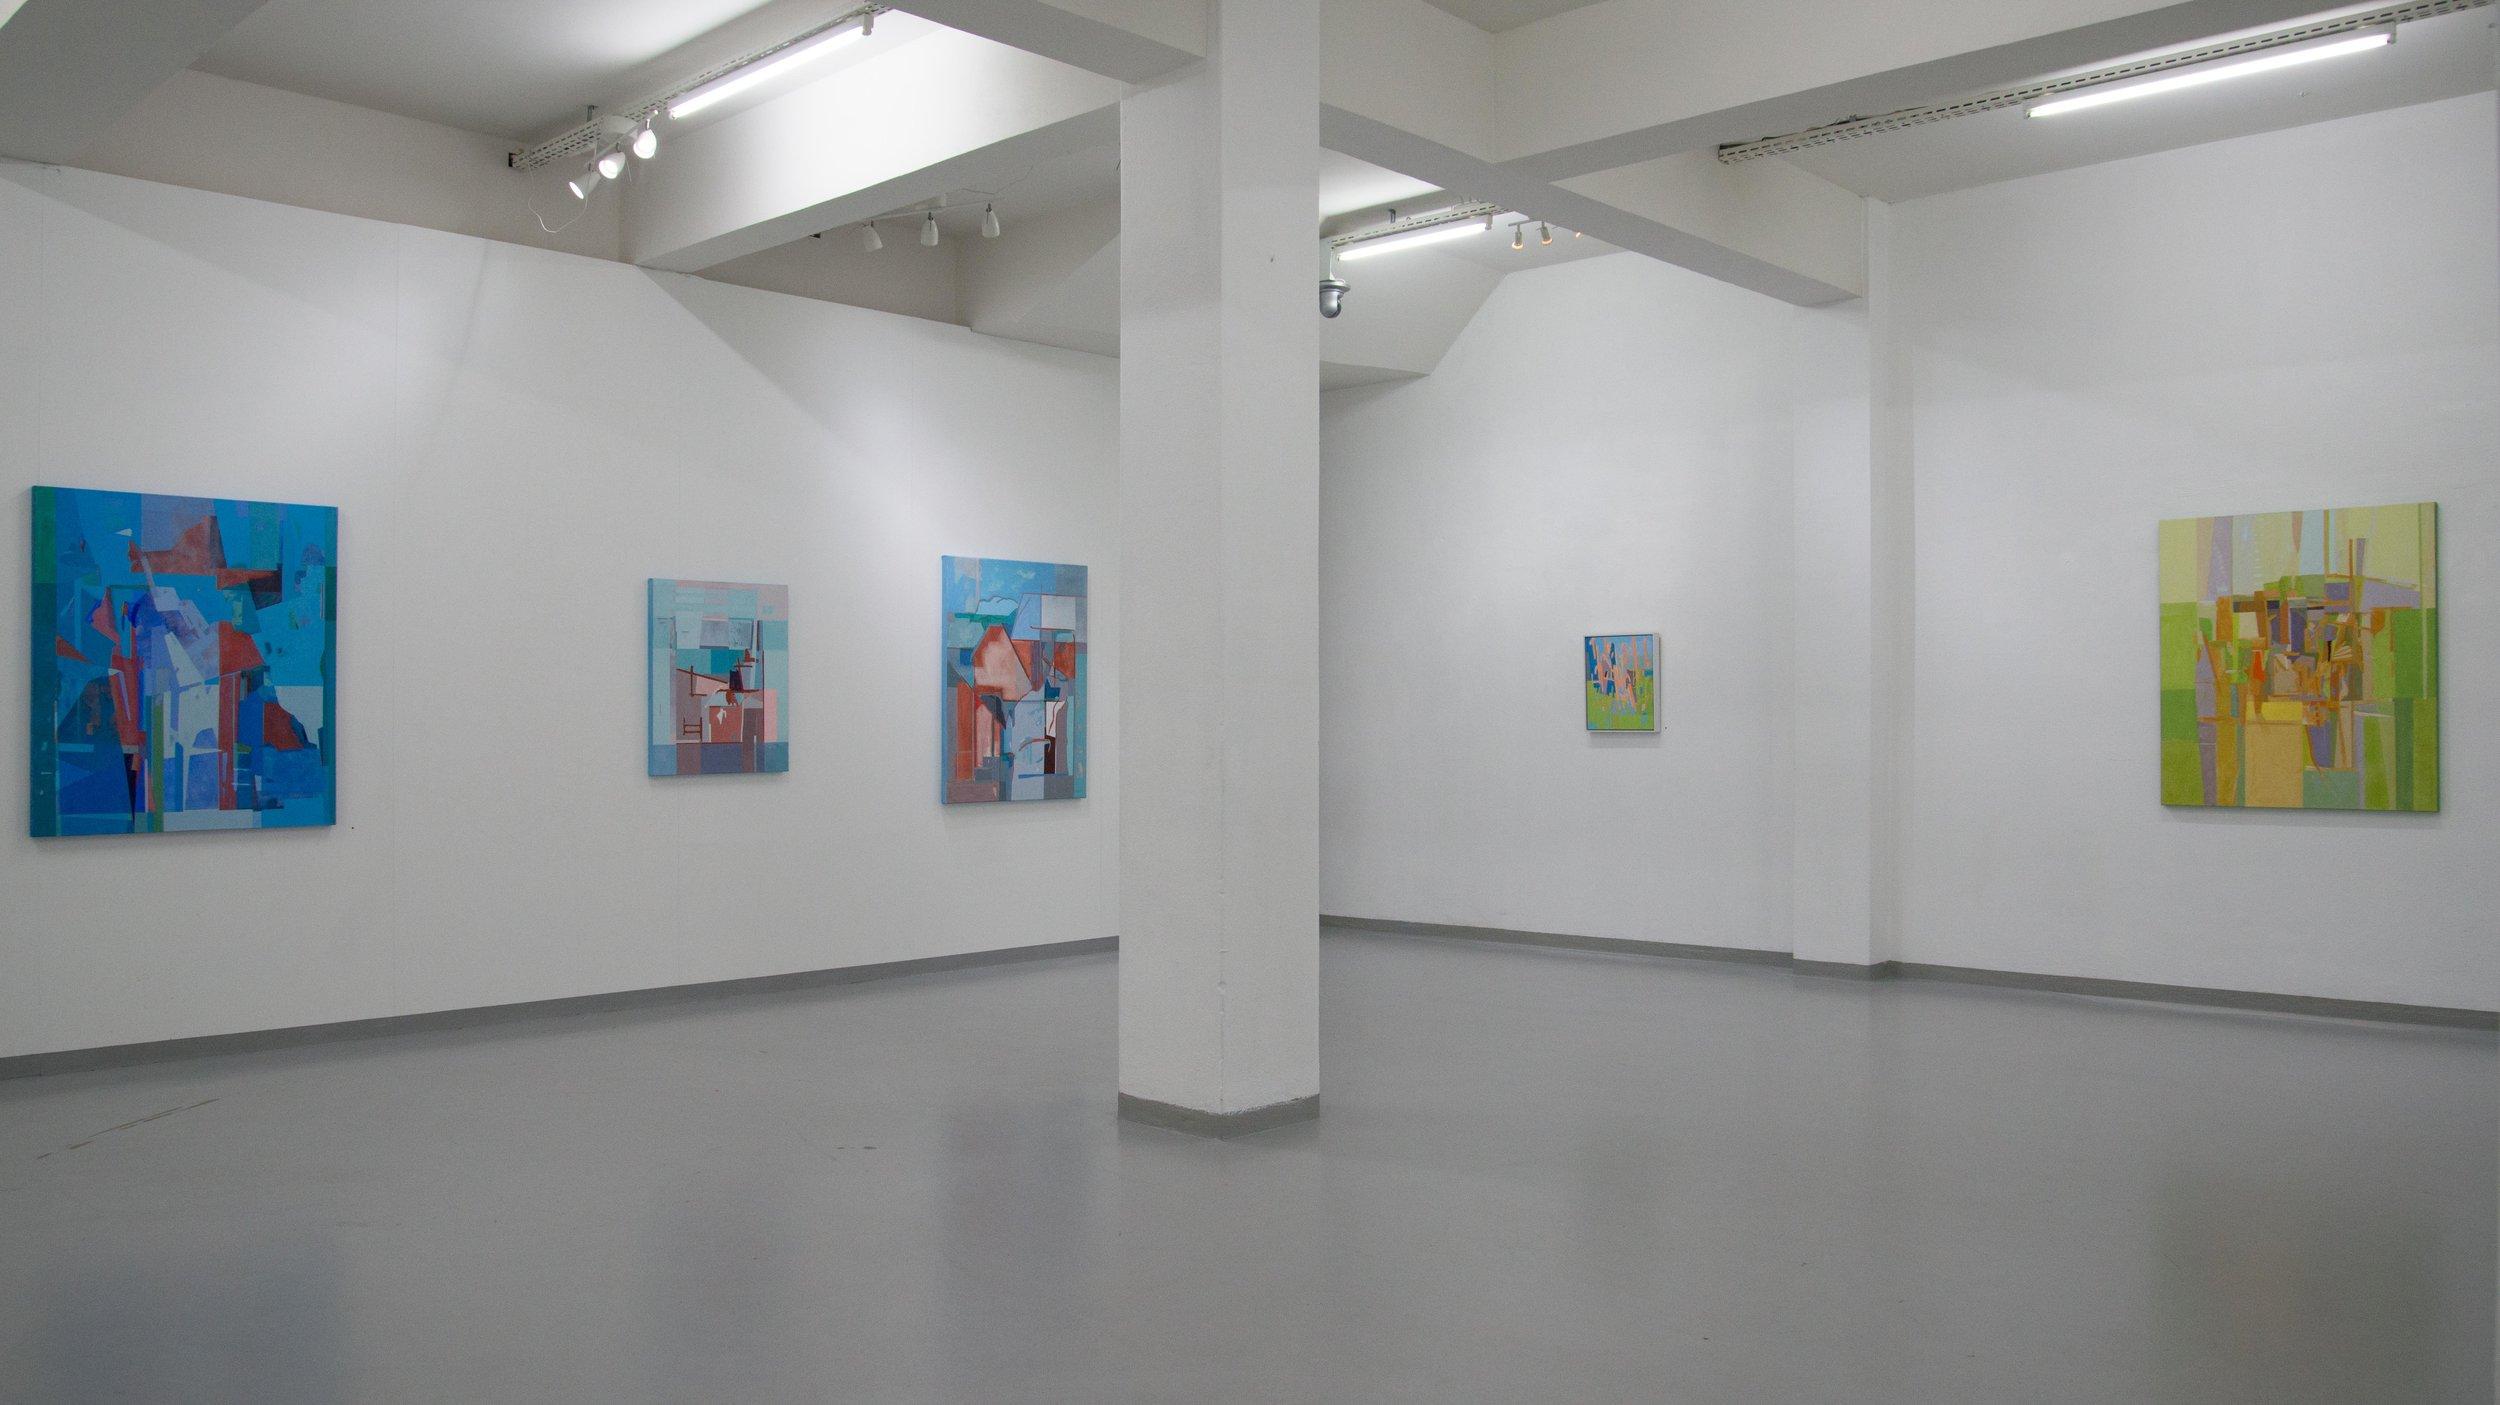 Utstilling_SandnesKunstforening (1 of 18).jpg